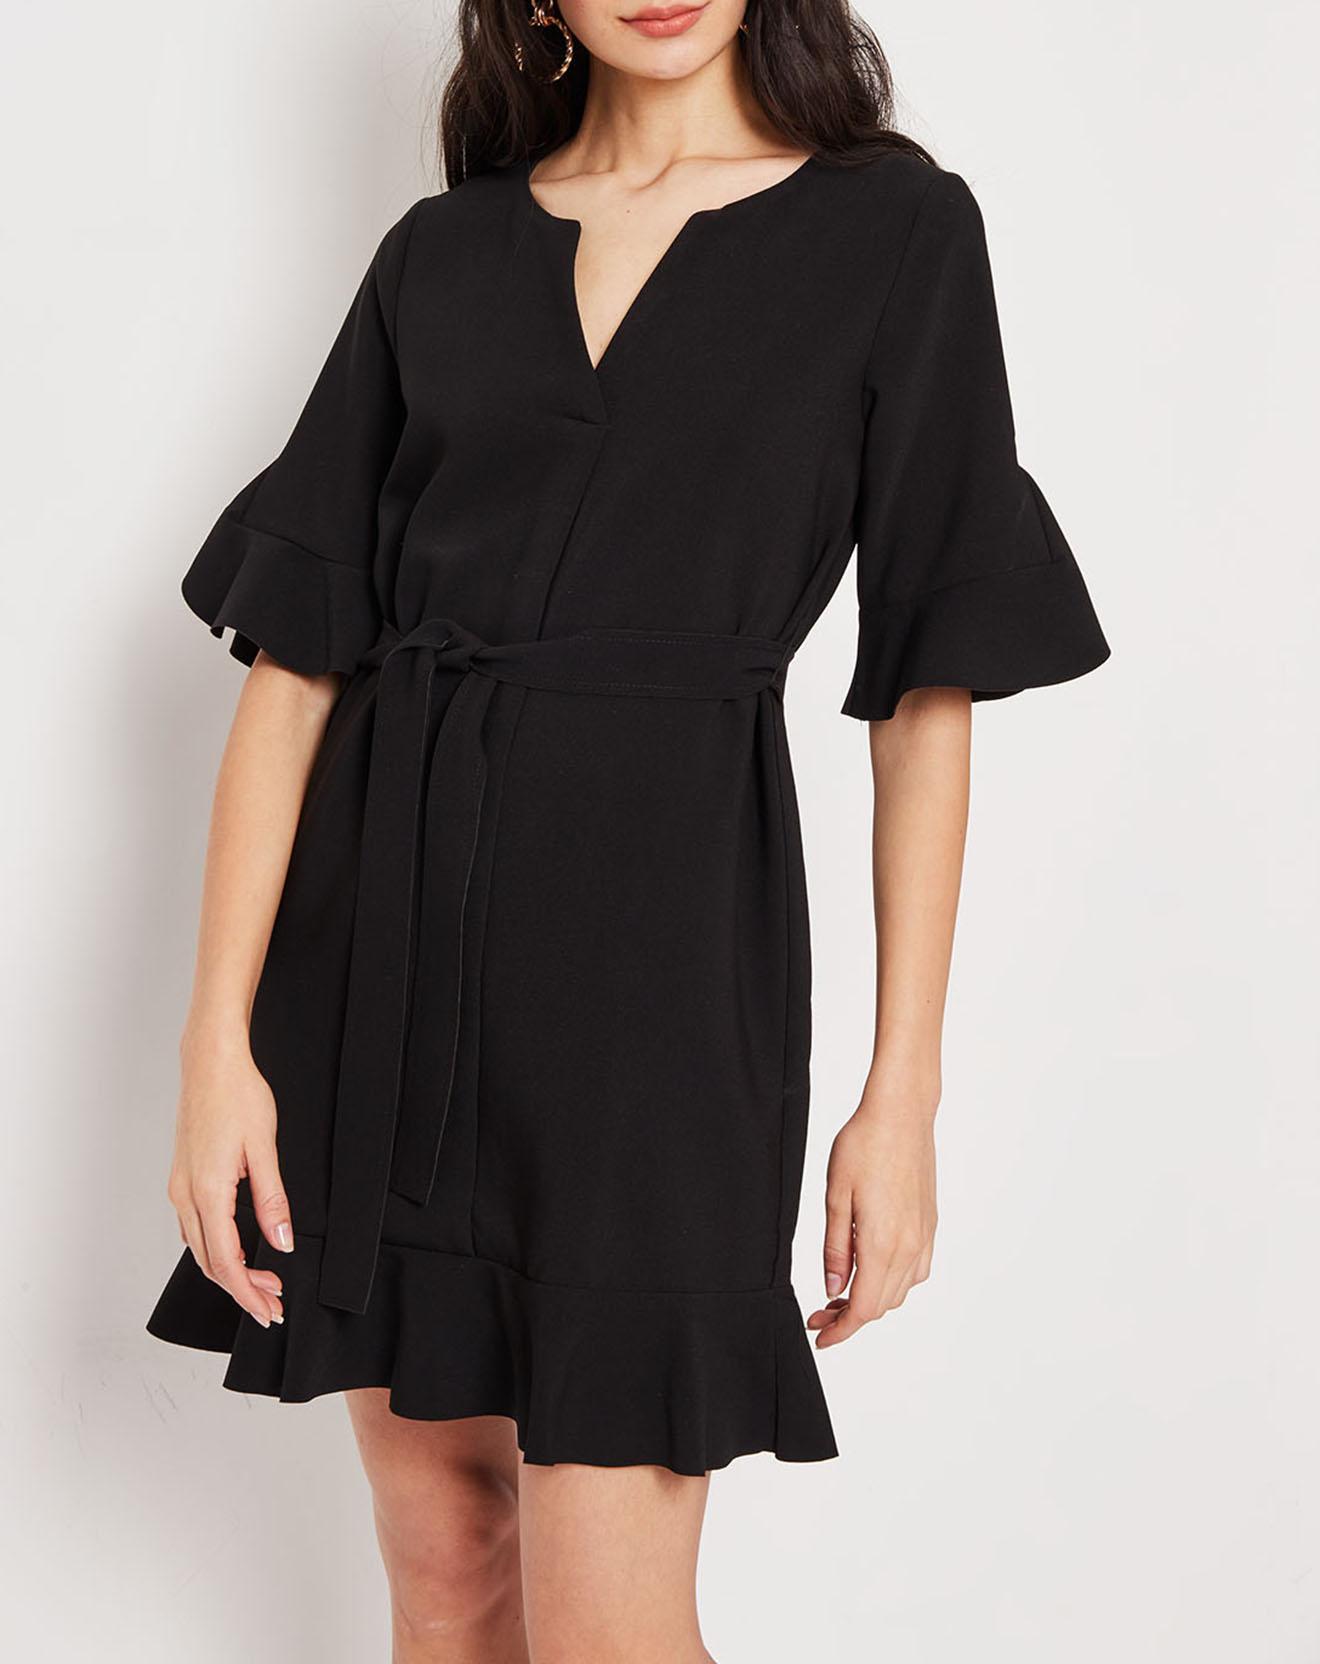 Robe Candice noire - Suncoo - Modalova